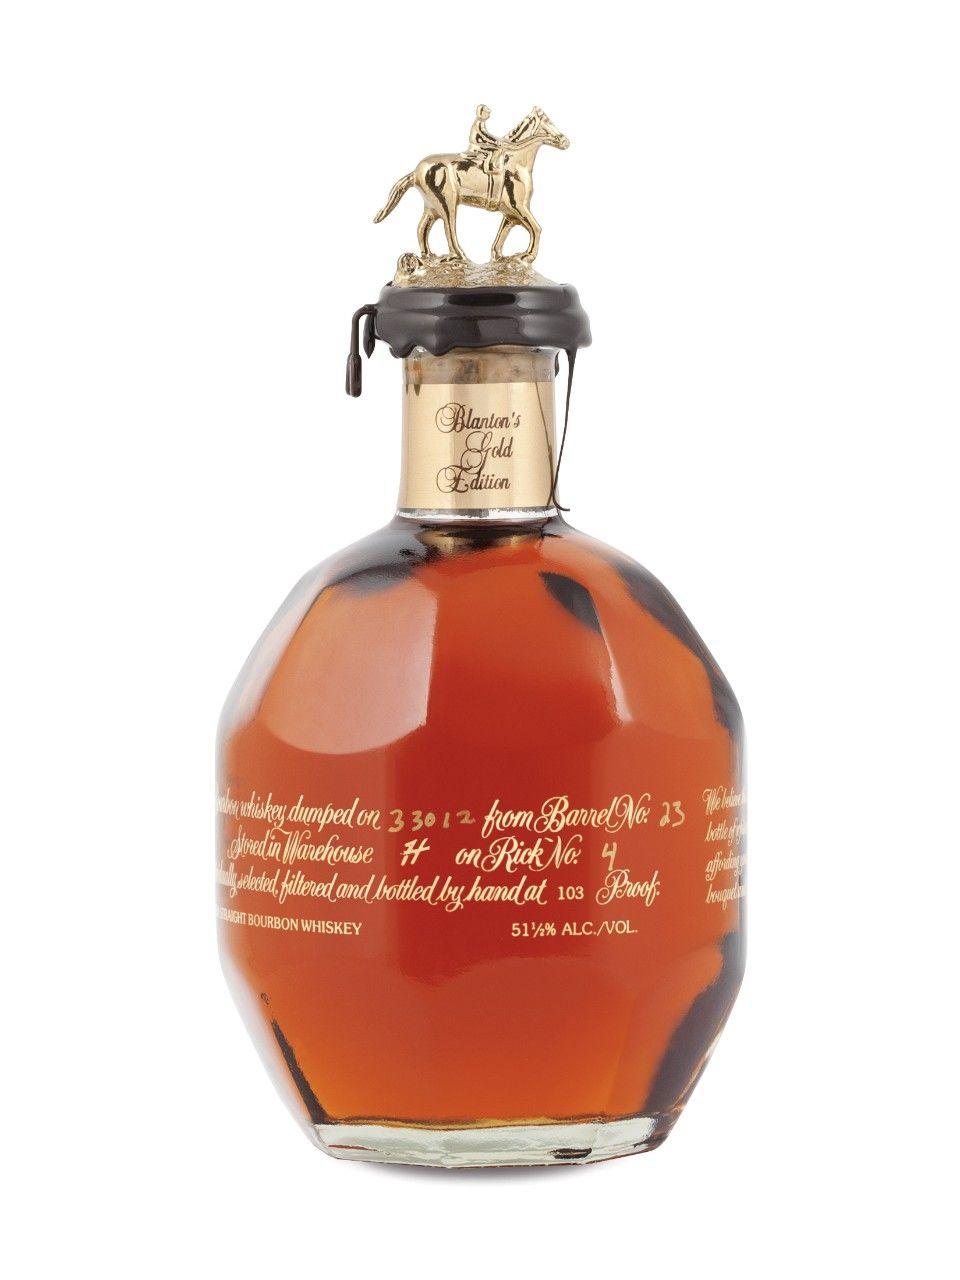 403 Forbidden Kentucky Straight Bourbon Bourbon Barrel